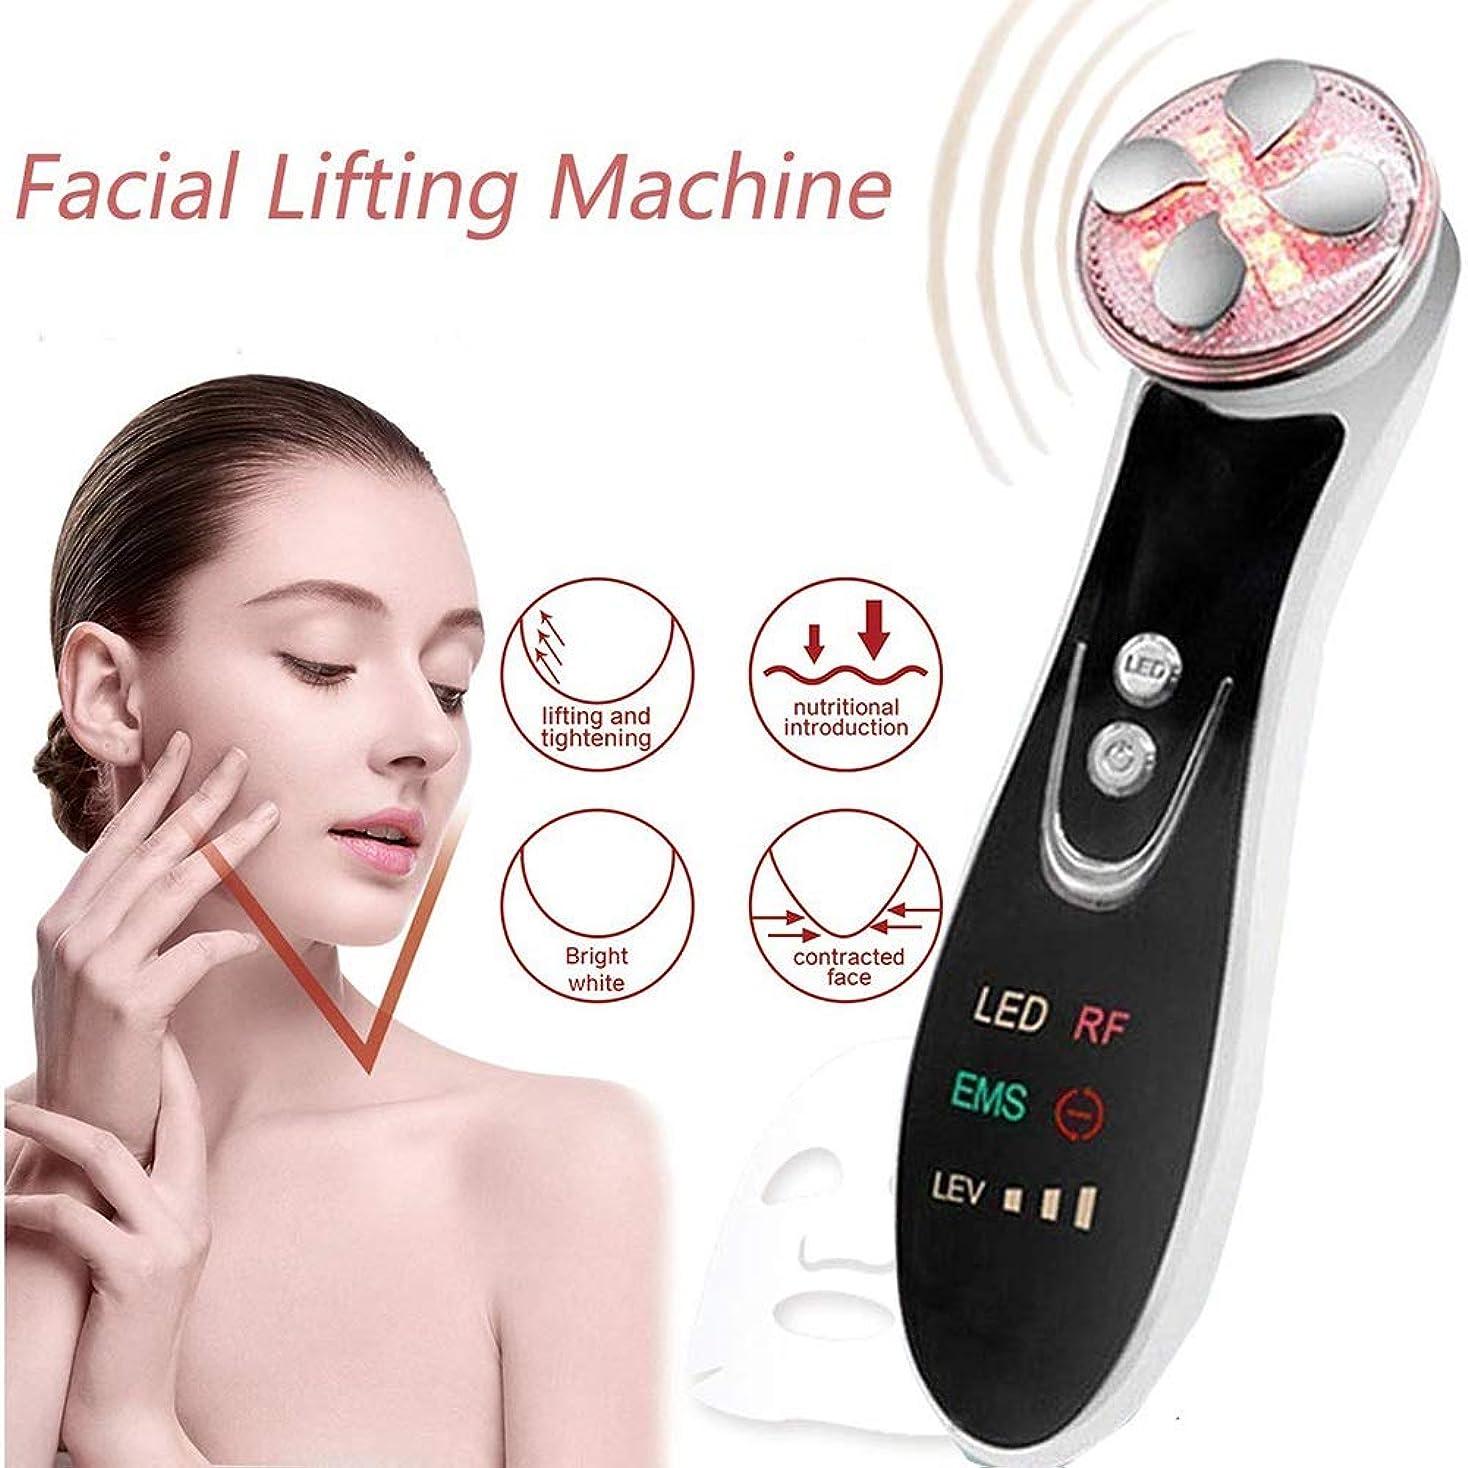 素子ランドマークアトム機械、1つのRF EMS LEDライト療法のしわを取除く顔の持ち上がるボディ形削り盤機械をきつく締める表面皮は反老化のアクネの美装置を取除きます